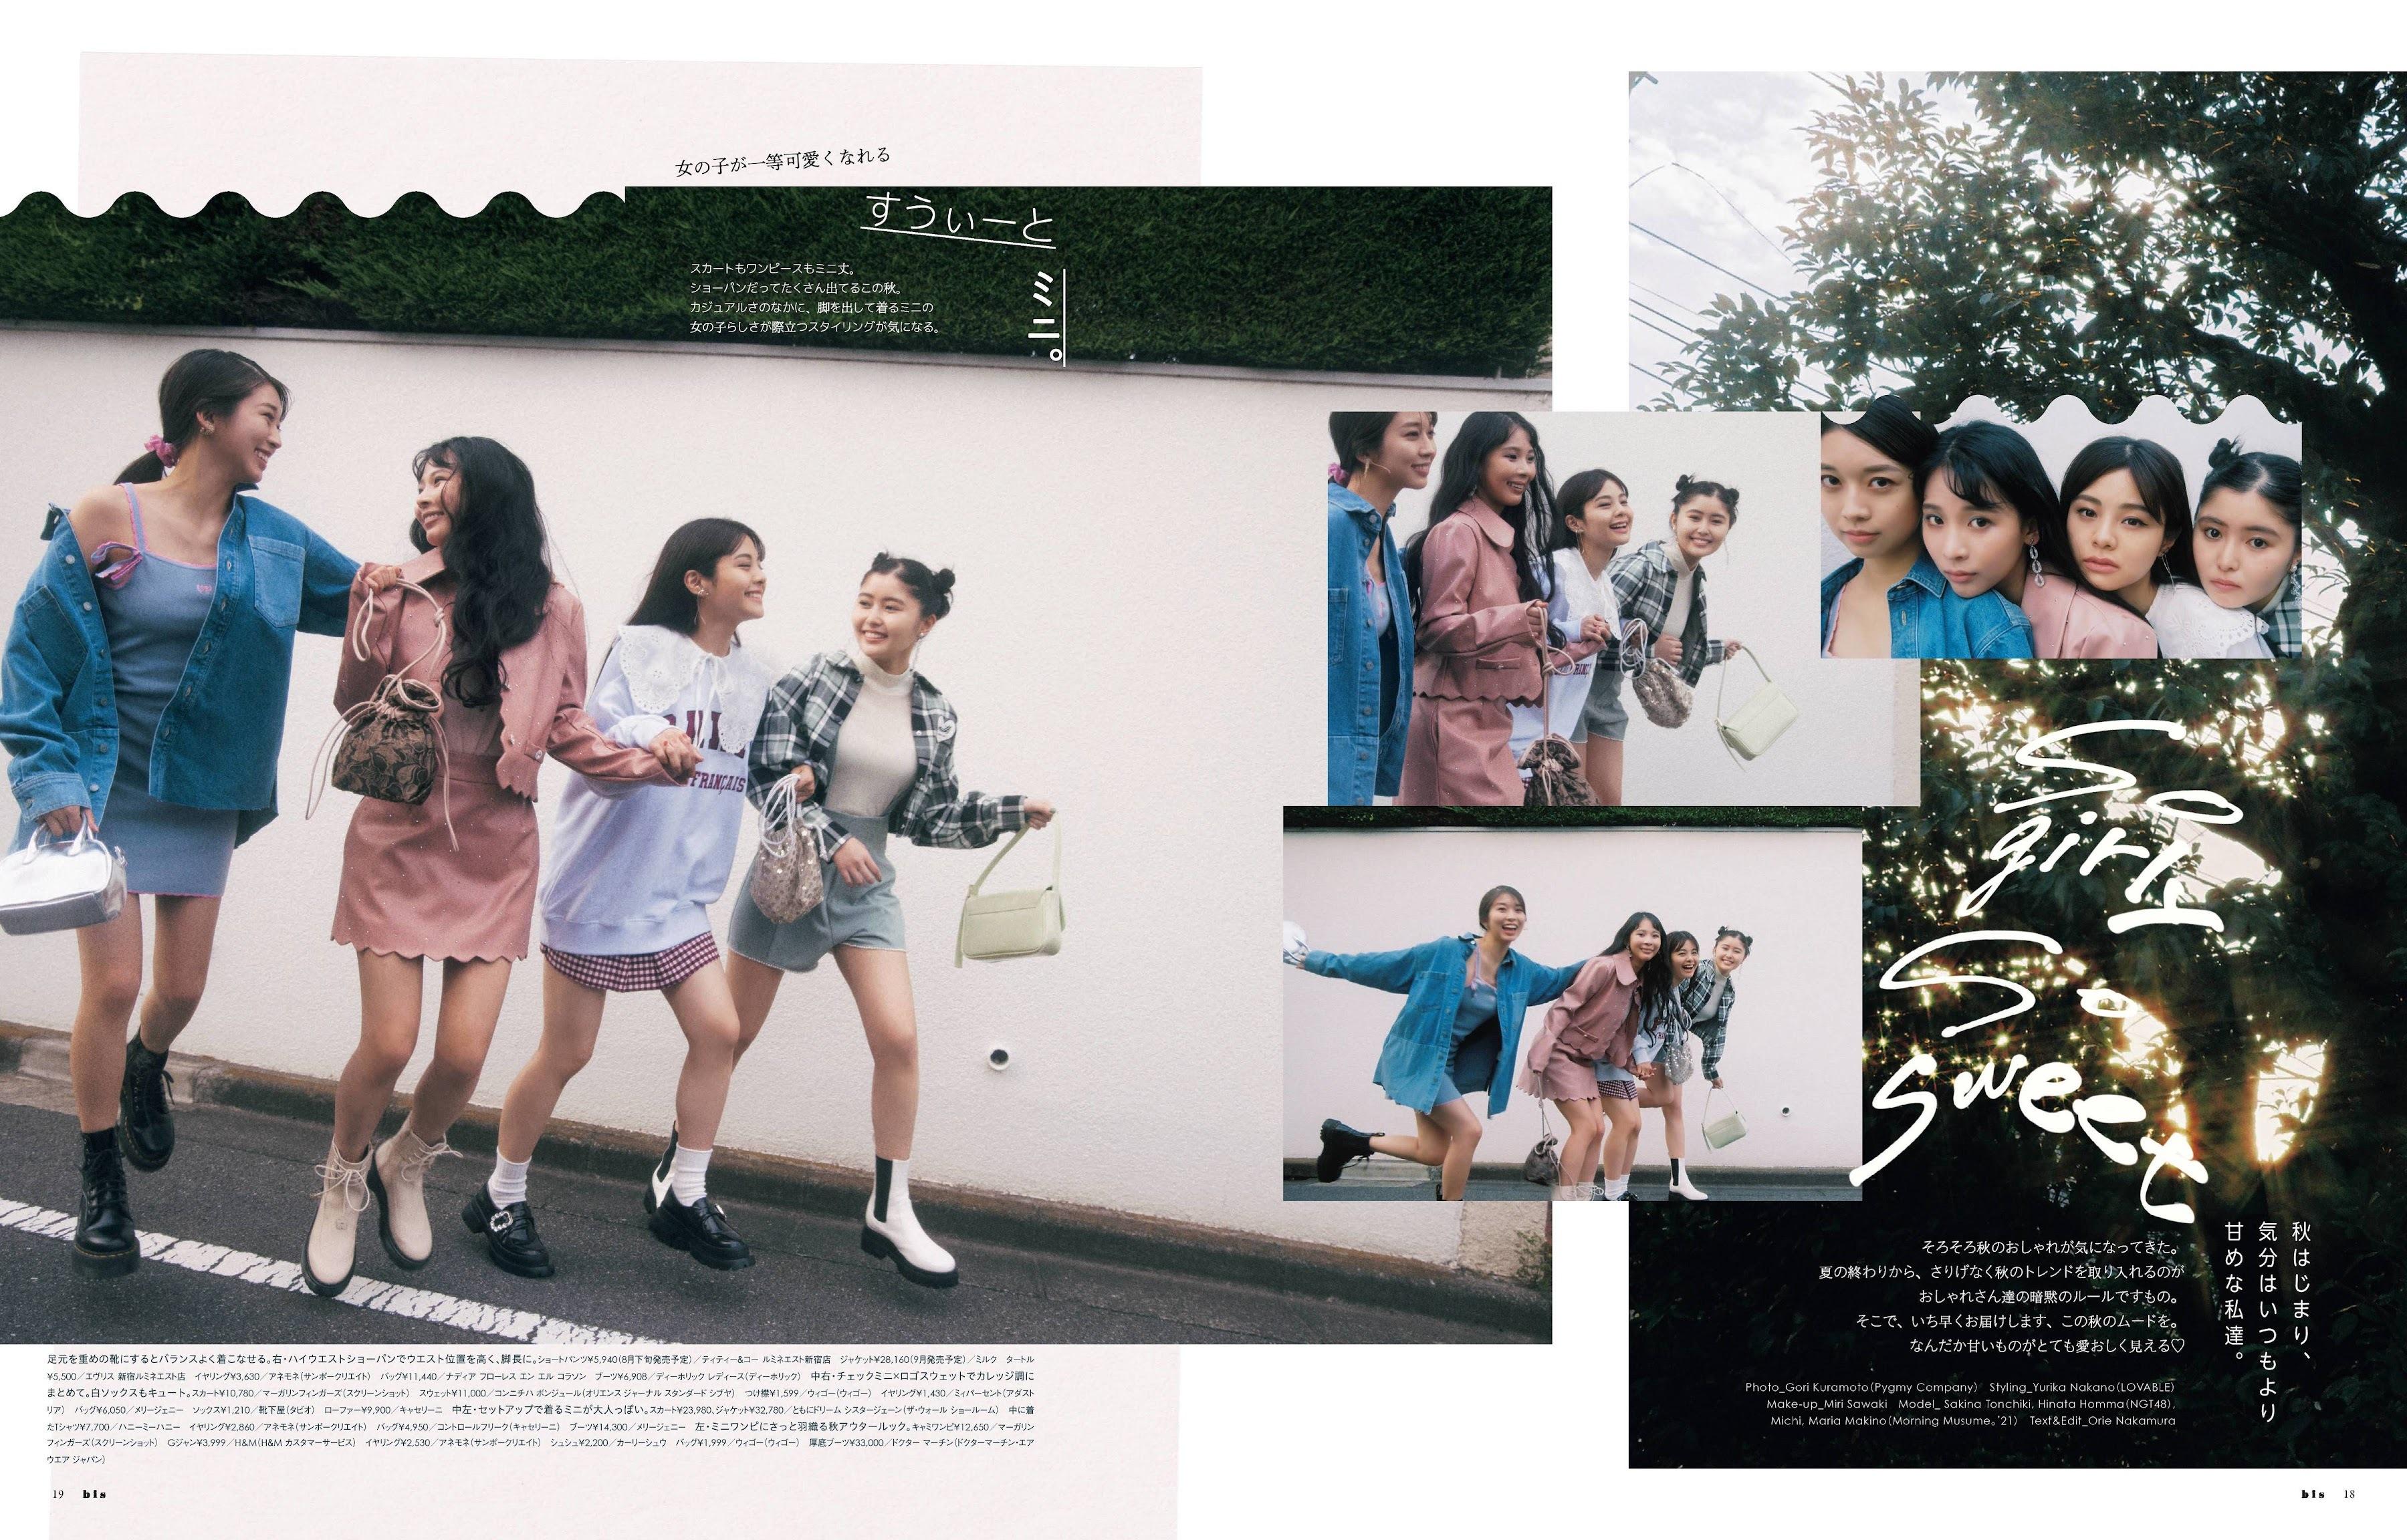 喵妹子写真专辑(第14辑) 养眼图片 第48张